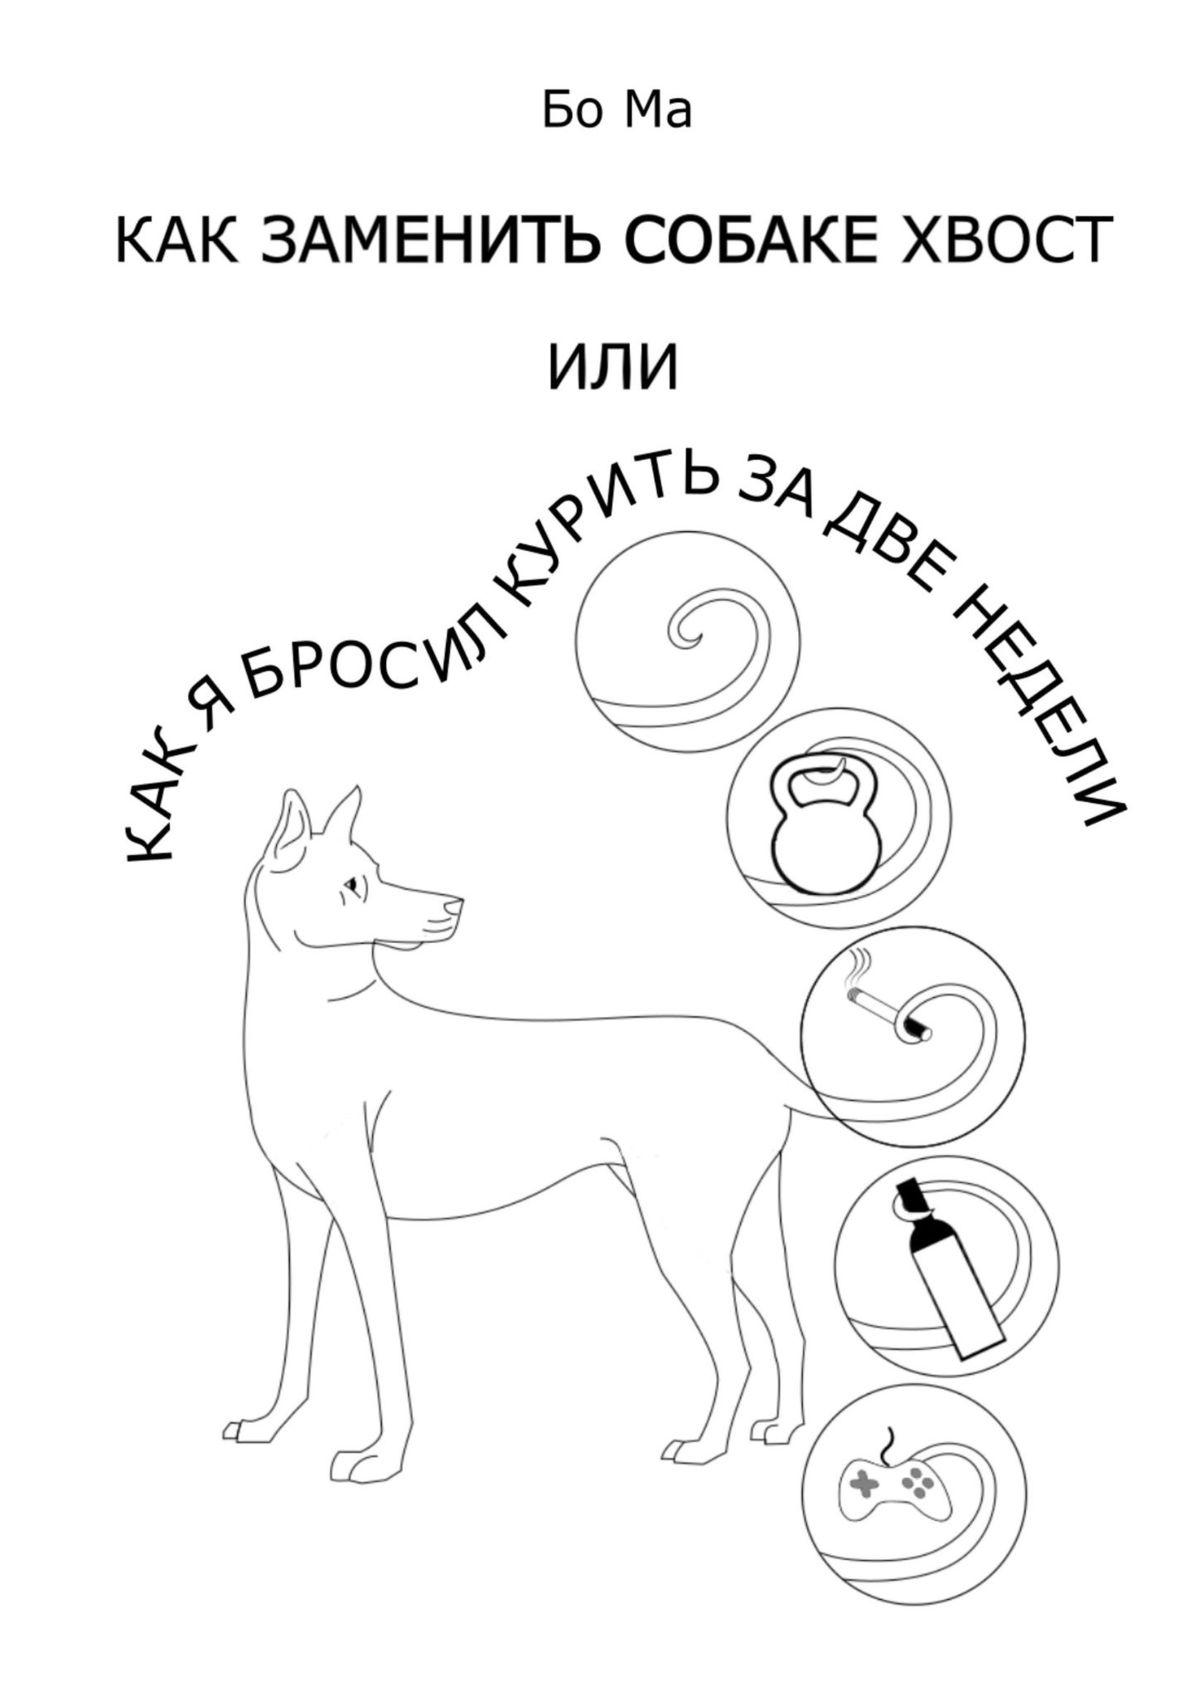 Купить книгу Как заменить собаке хвост, или Как я бросил курить задве недели, автора Бо Ма